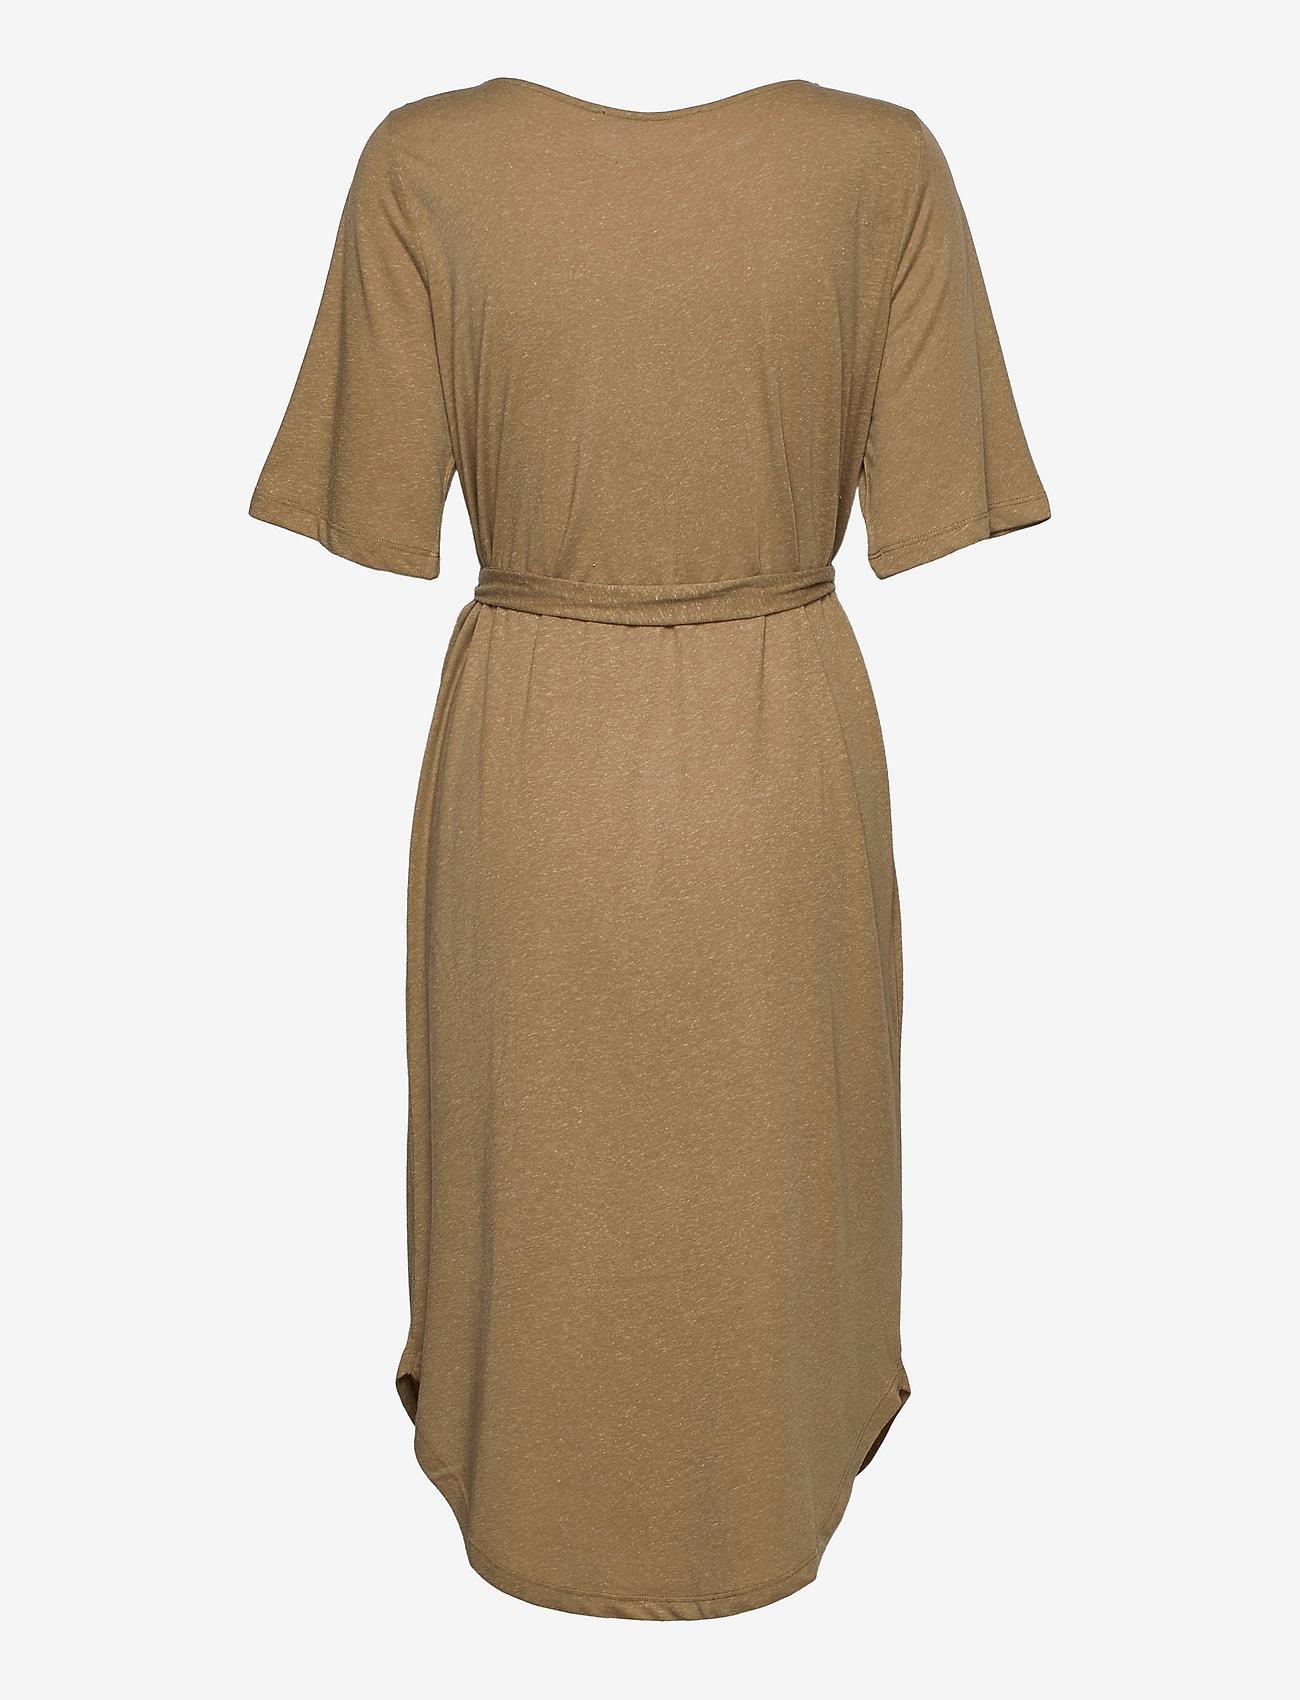 Selected Femme - SLFIVY 2/4EACH DRESS SOLID M - sommerkleider - kelp - 1